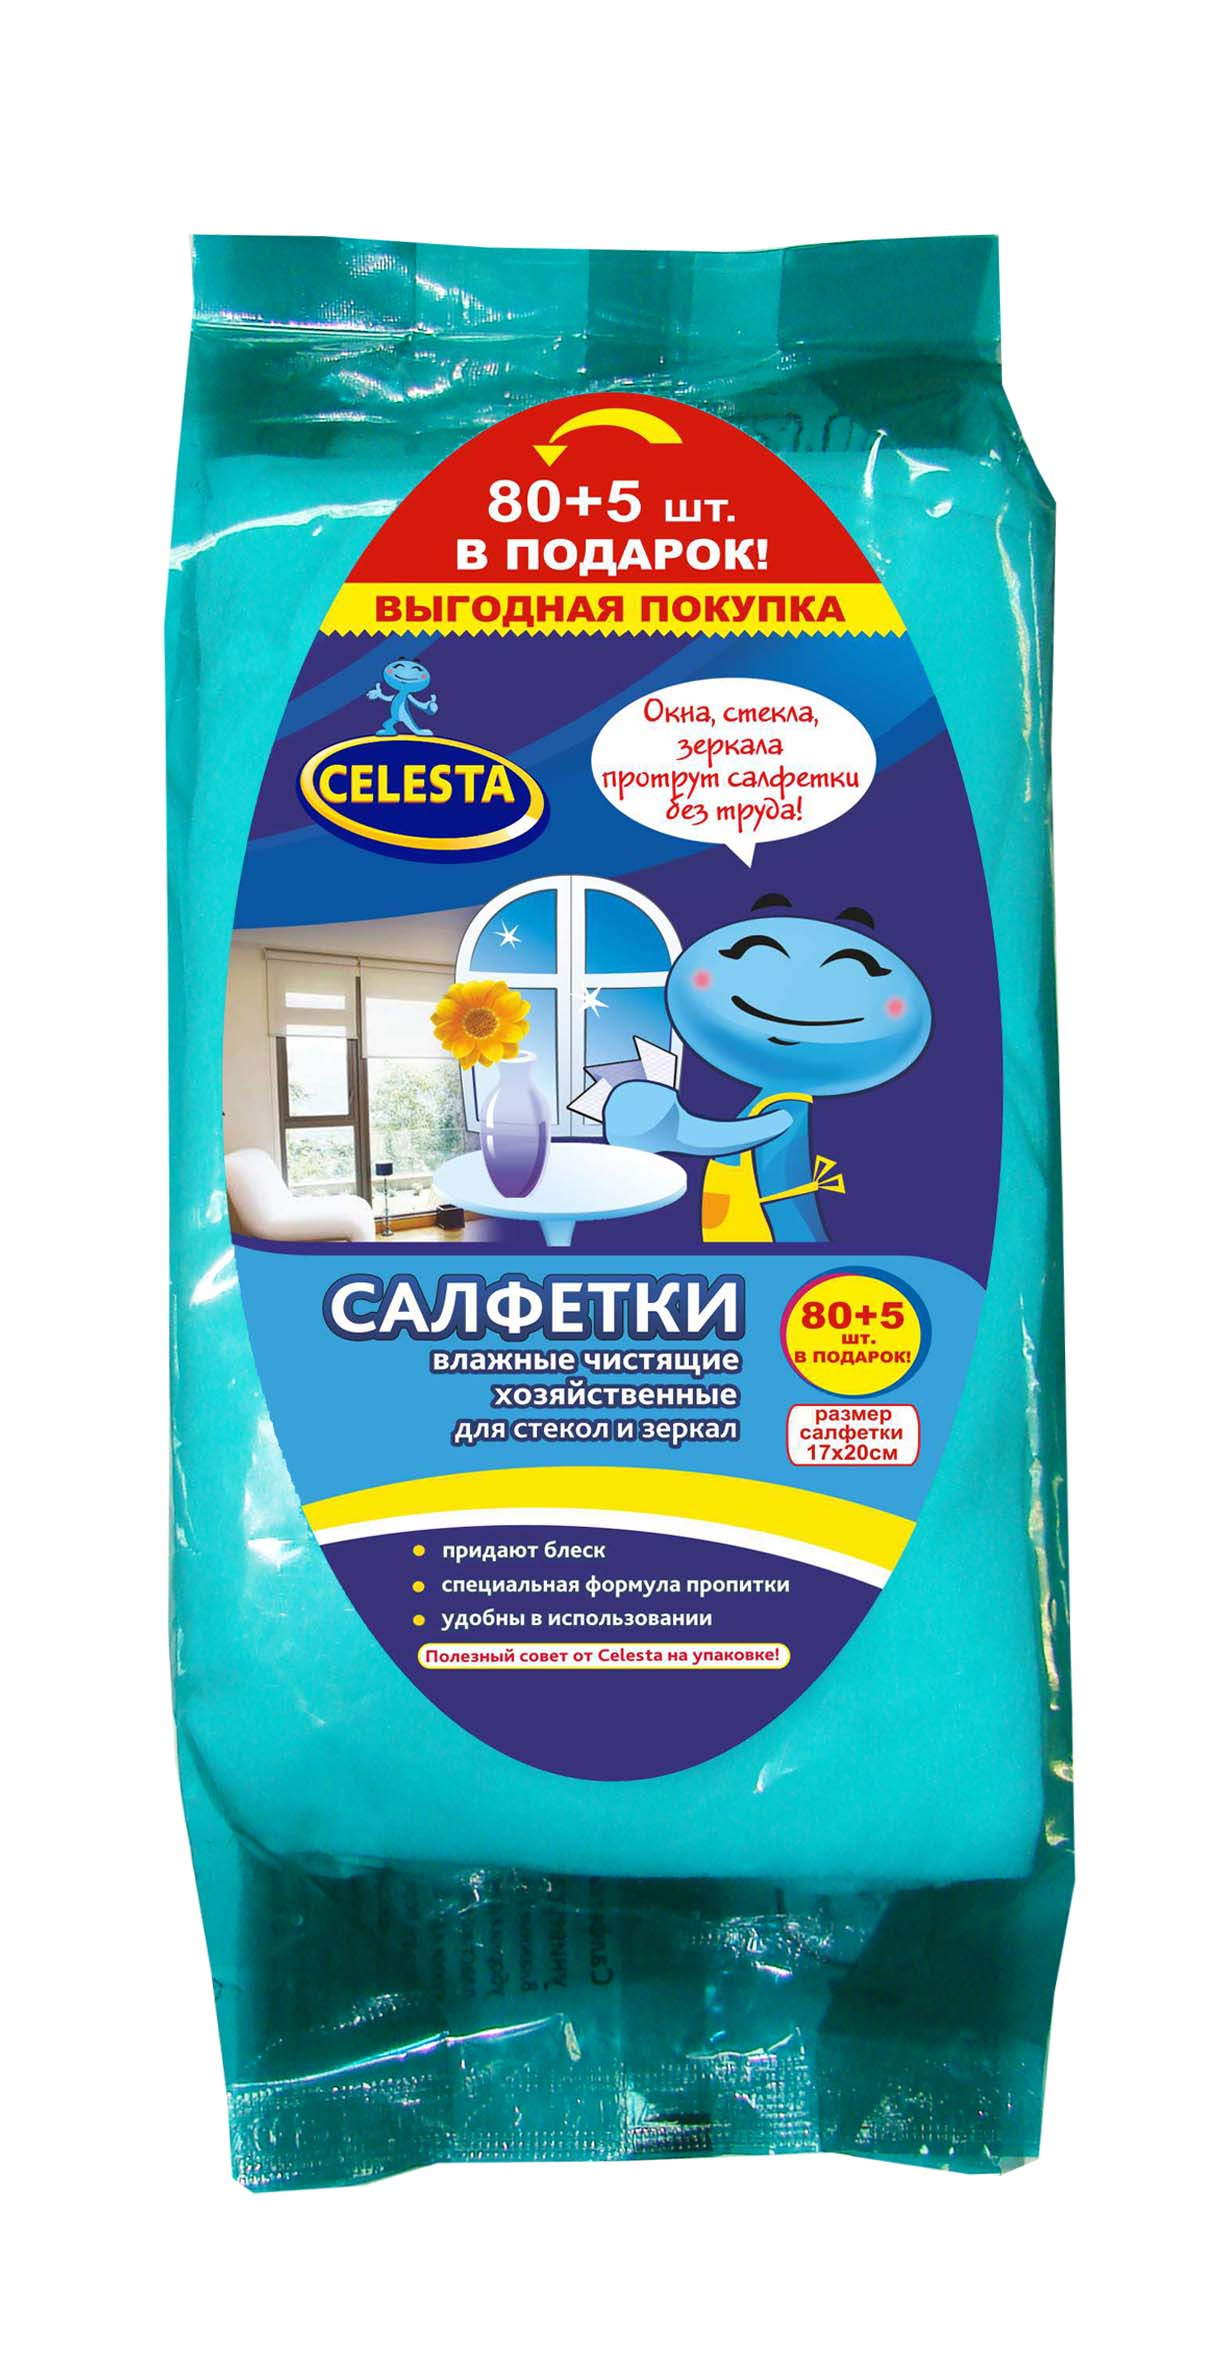 Салфетки влажные Celesta, для стекол и зеркал, 85 шт531-105Влажные чистящие салфетки Celesta быстро очистят стеклянные поверхности и зеркала от любых видов загрязнений и пыли. Благодаря специальной формуле пропитки, не оставляют разводов, ворсинок, придают блеск обрабатываемым поверхностям. Пропитывающий состав безопасен для кожи рук.Размер салфетки: 17 см х 20 см.Состав: нетканое полотно, пропитывающий лосьон.